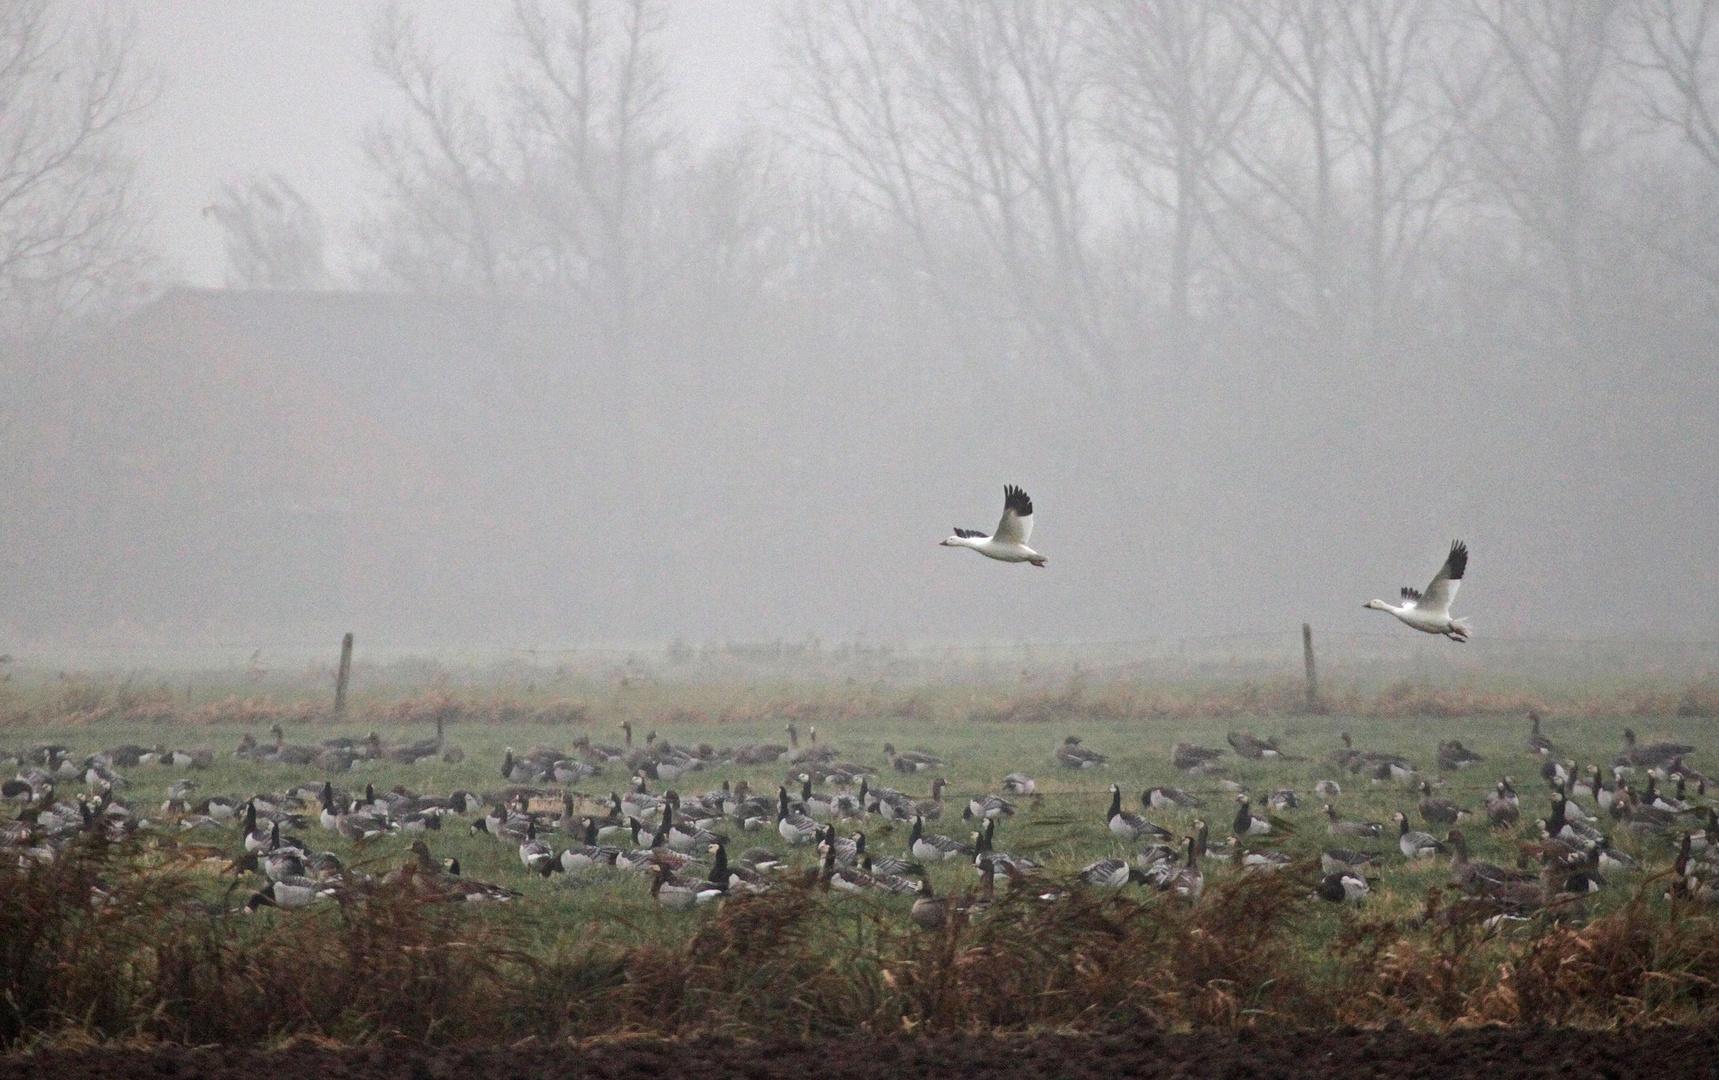 Auch im Nebel sind nicht alle Gänse grau